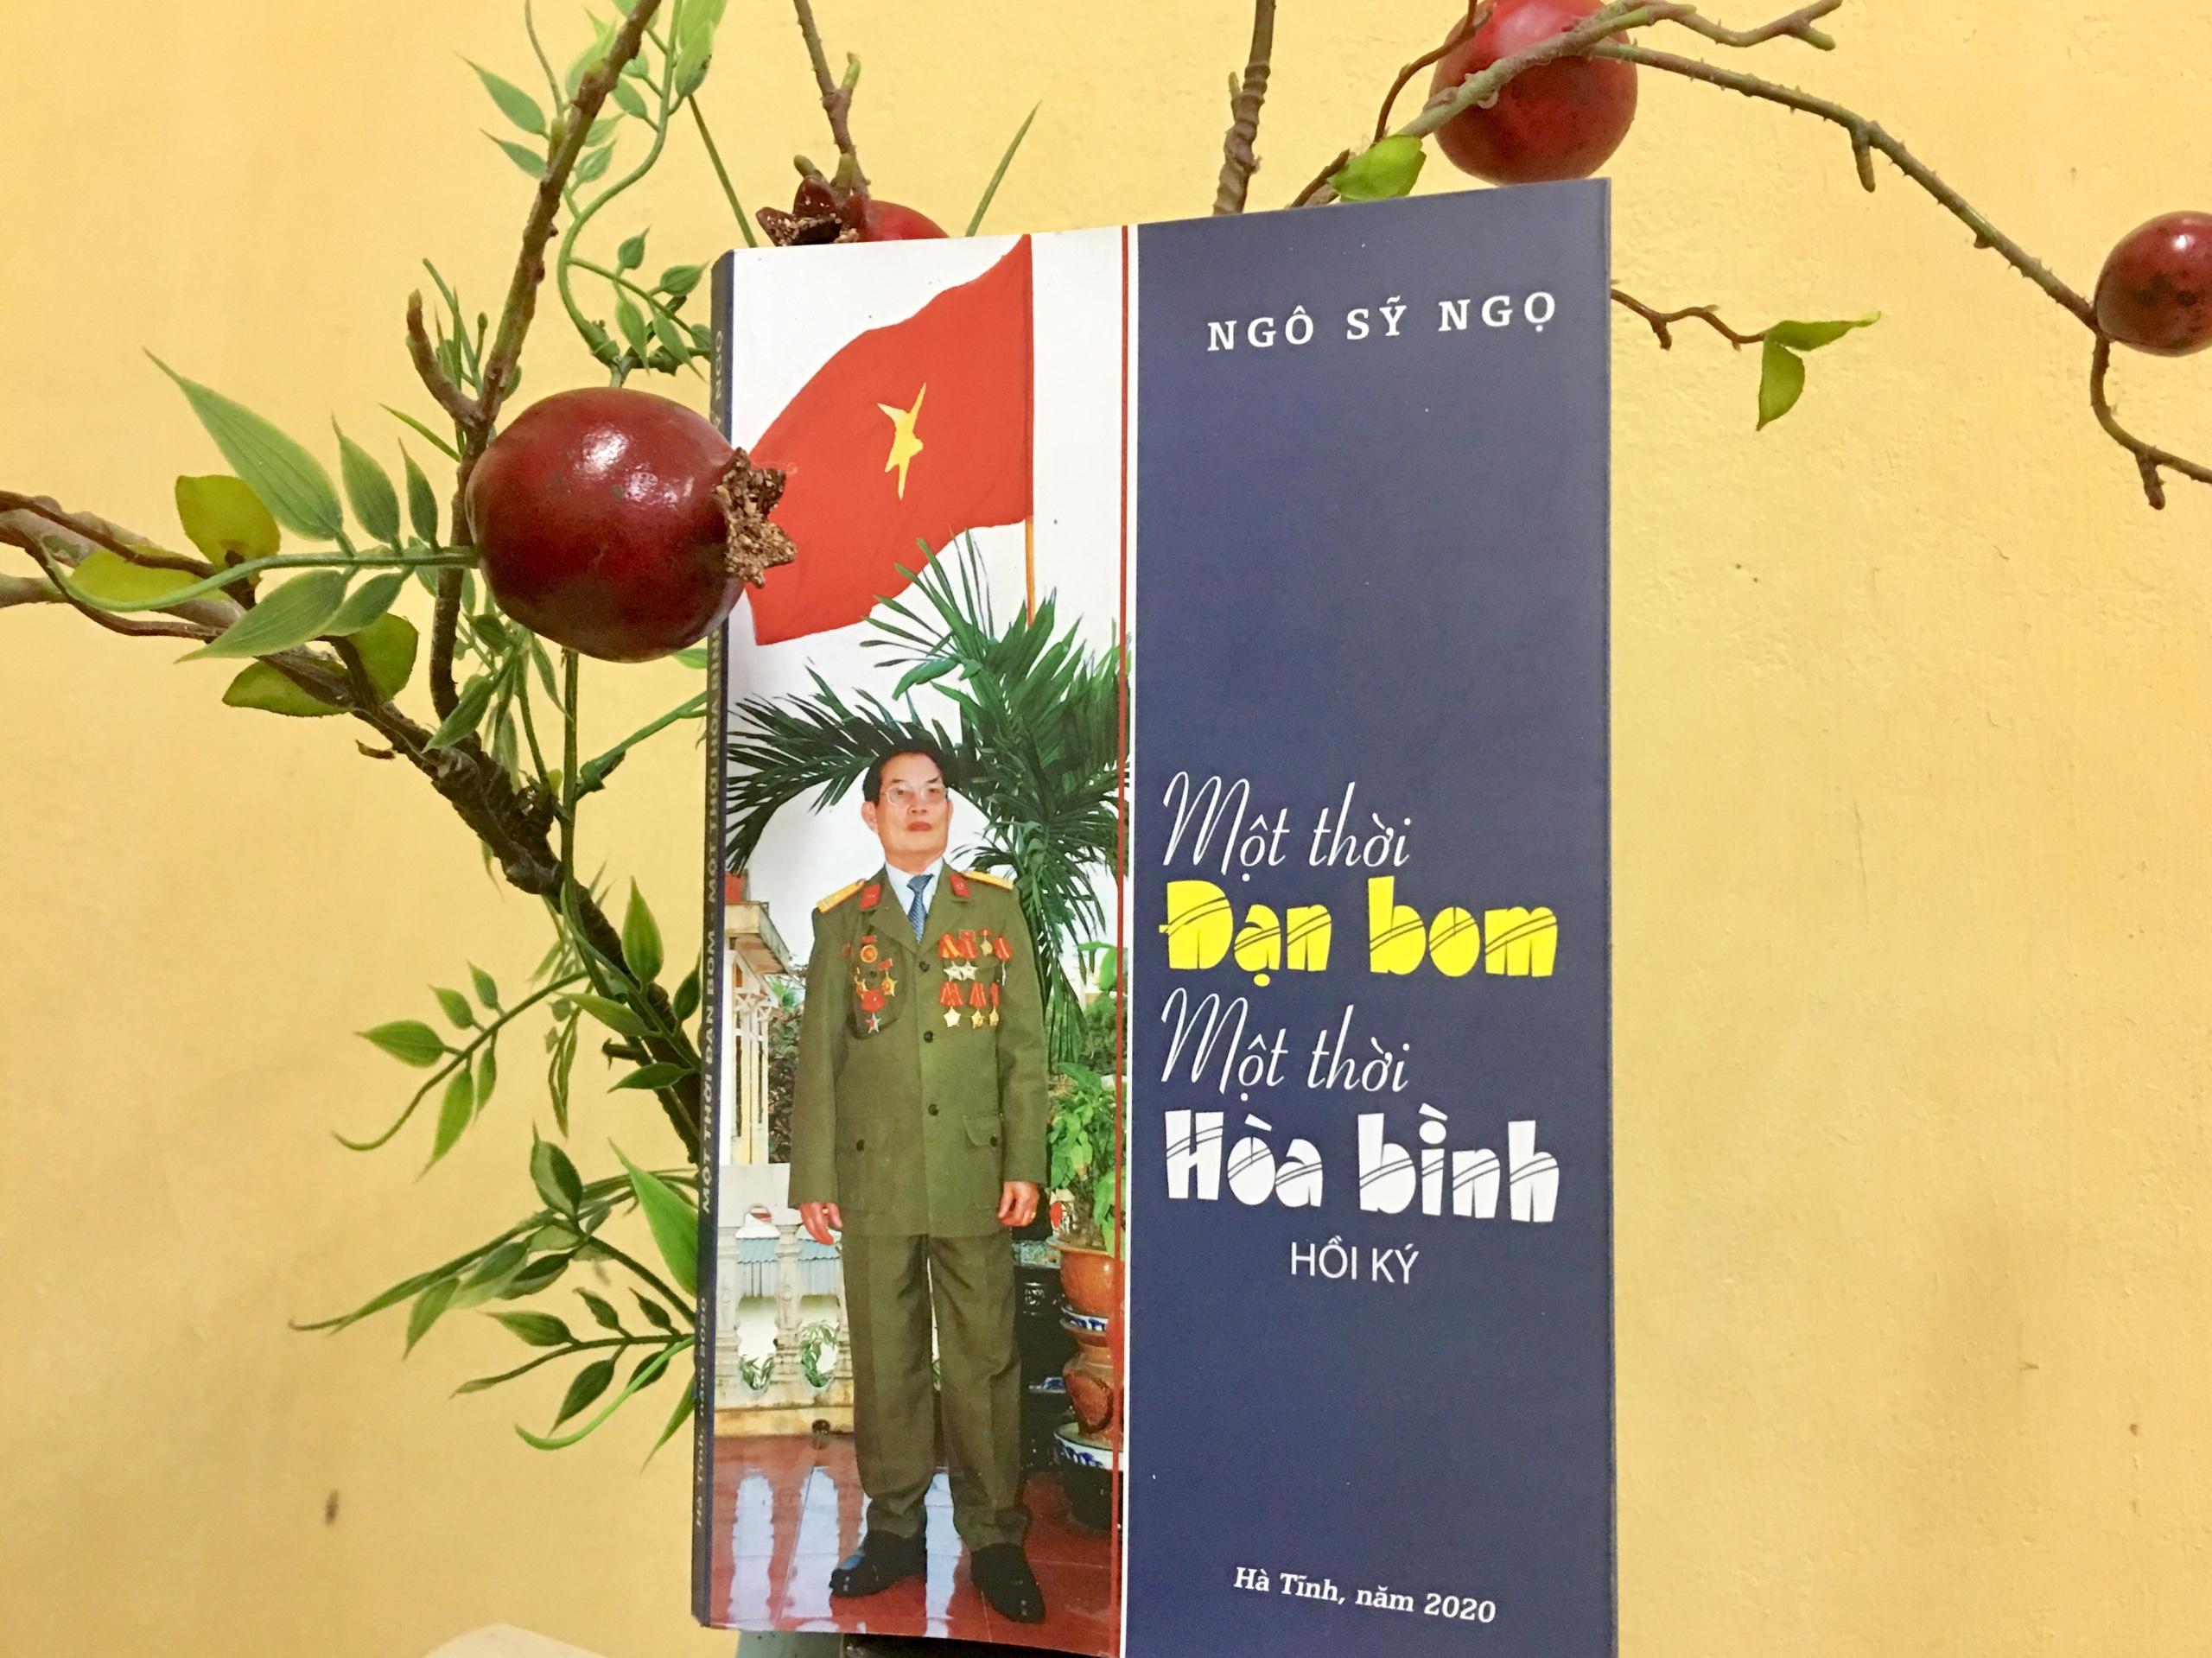 """Hồi ký """"Một thời đạn bom – Một thời hòa bình"""" của NSNA Sỹ Ngọ"""